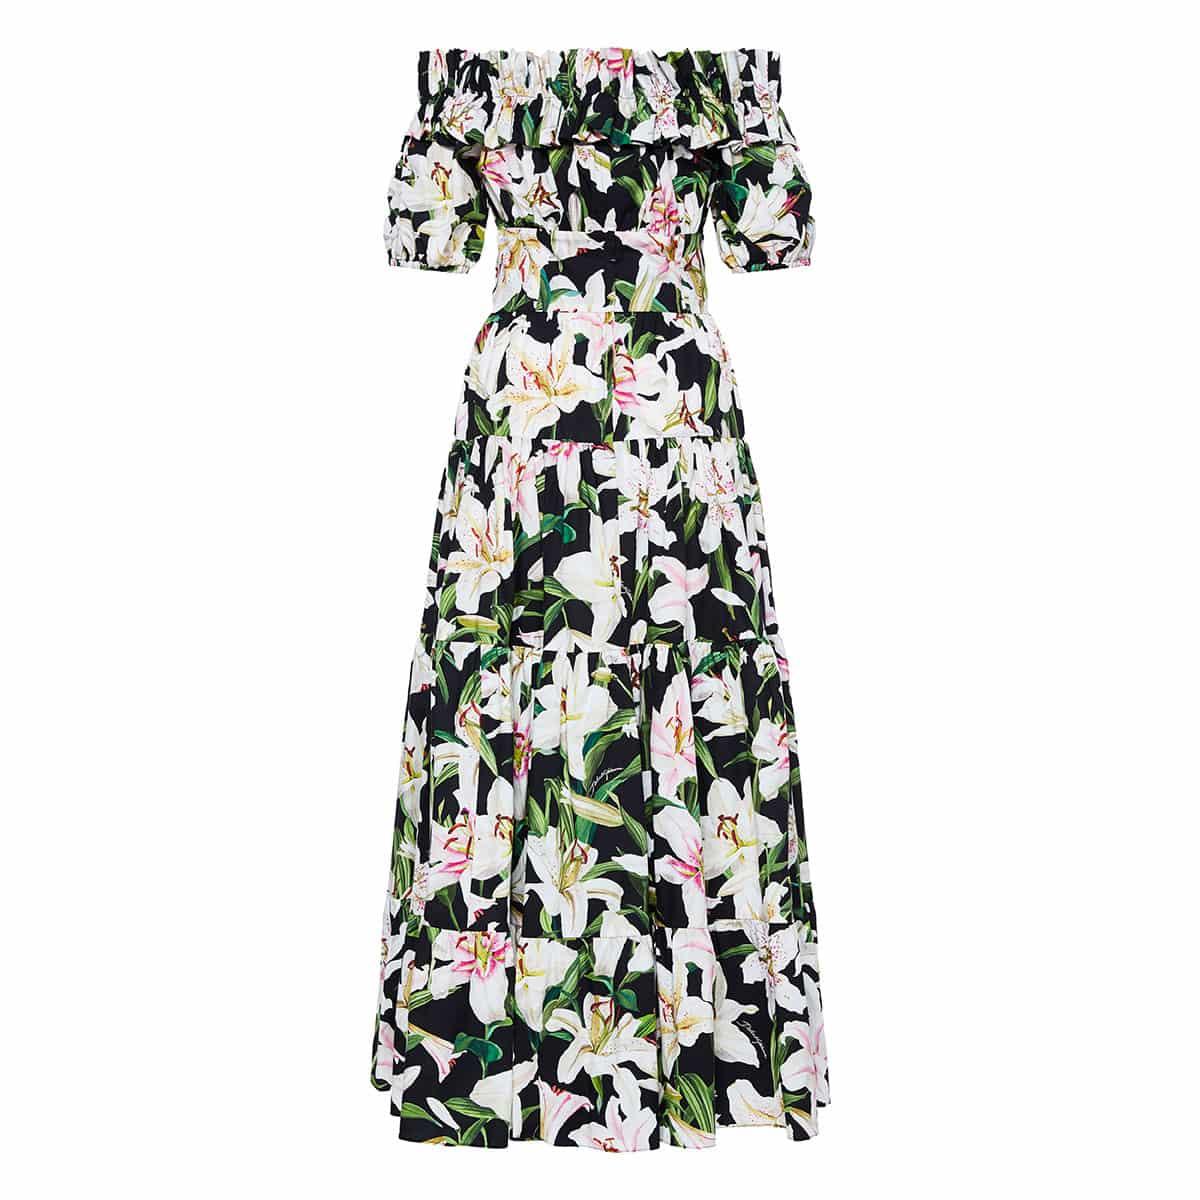 Off-the-shoulder floral tiered dress